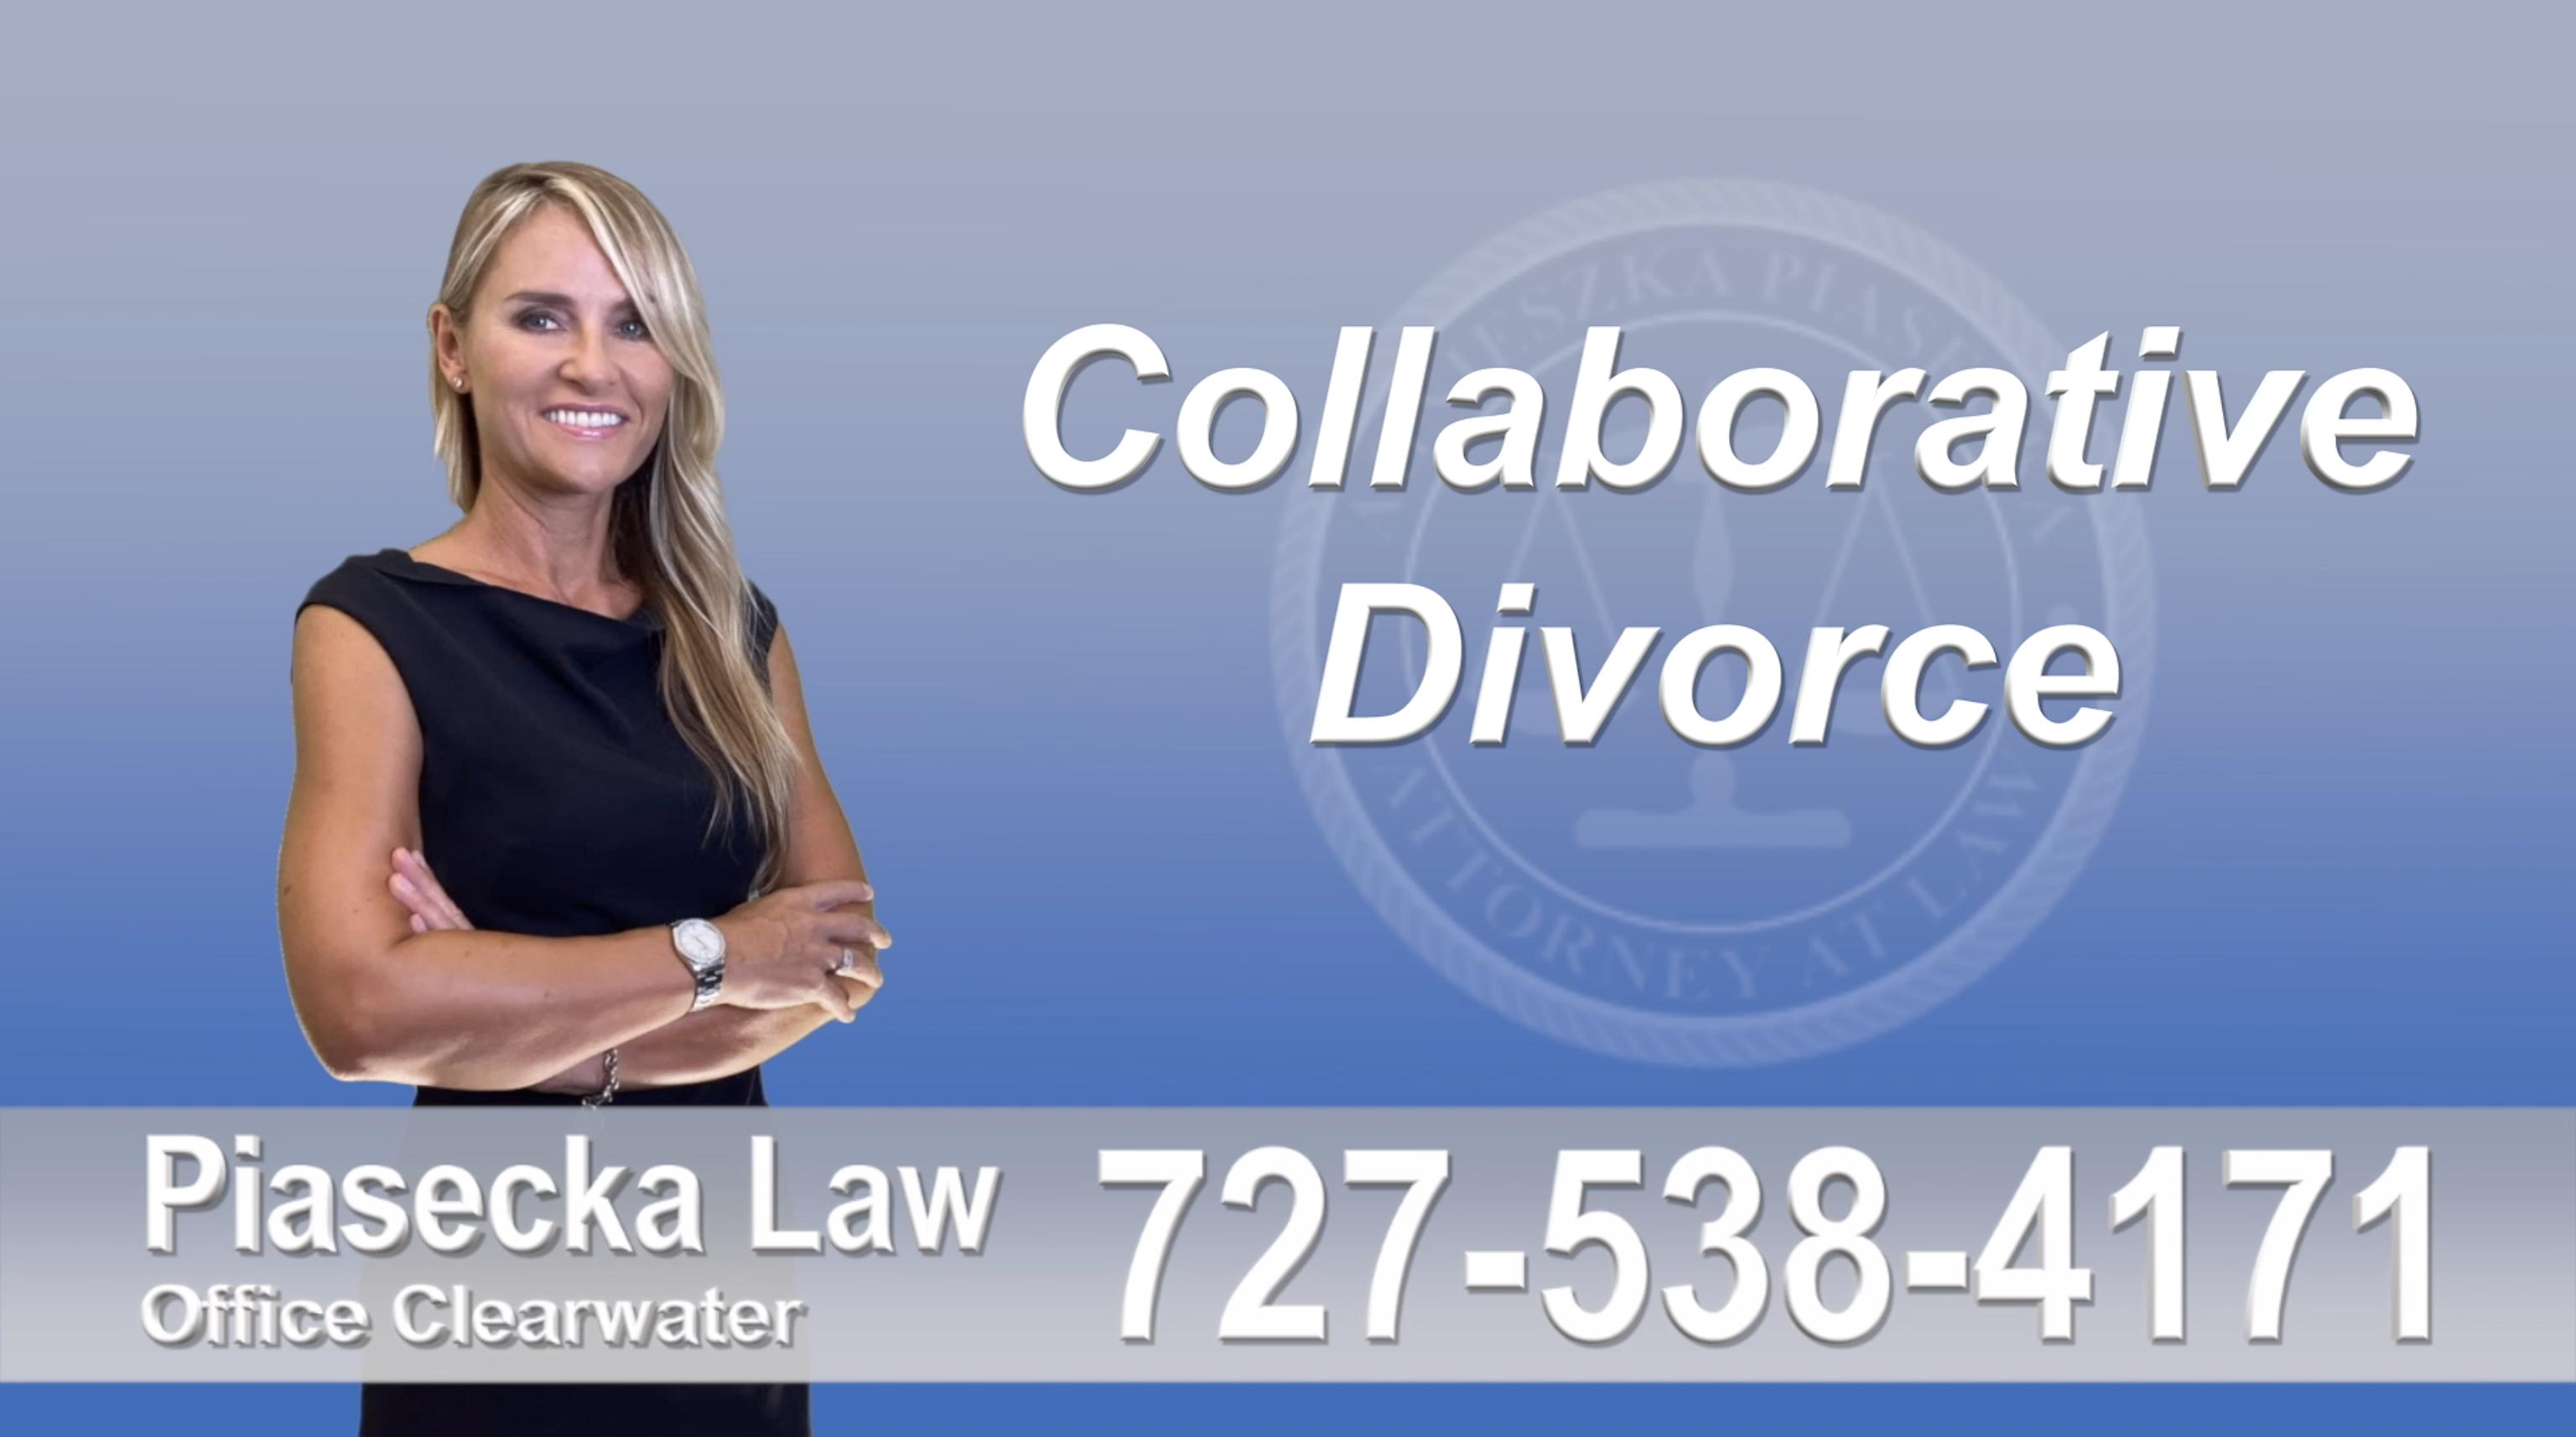 South Pasadena Collaborative, Divorce, Attorney, Agnieszka, Piasecka, Prawnik, Rozwodowy, Rozwód, Adwokat, Najlepszy